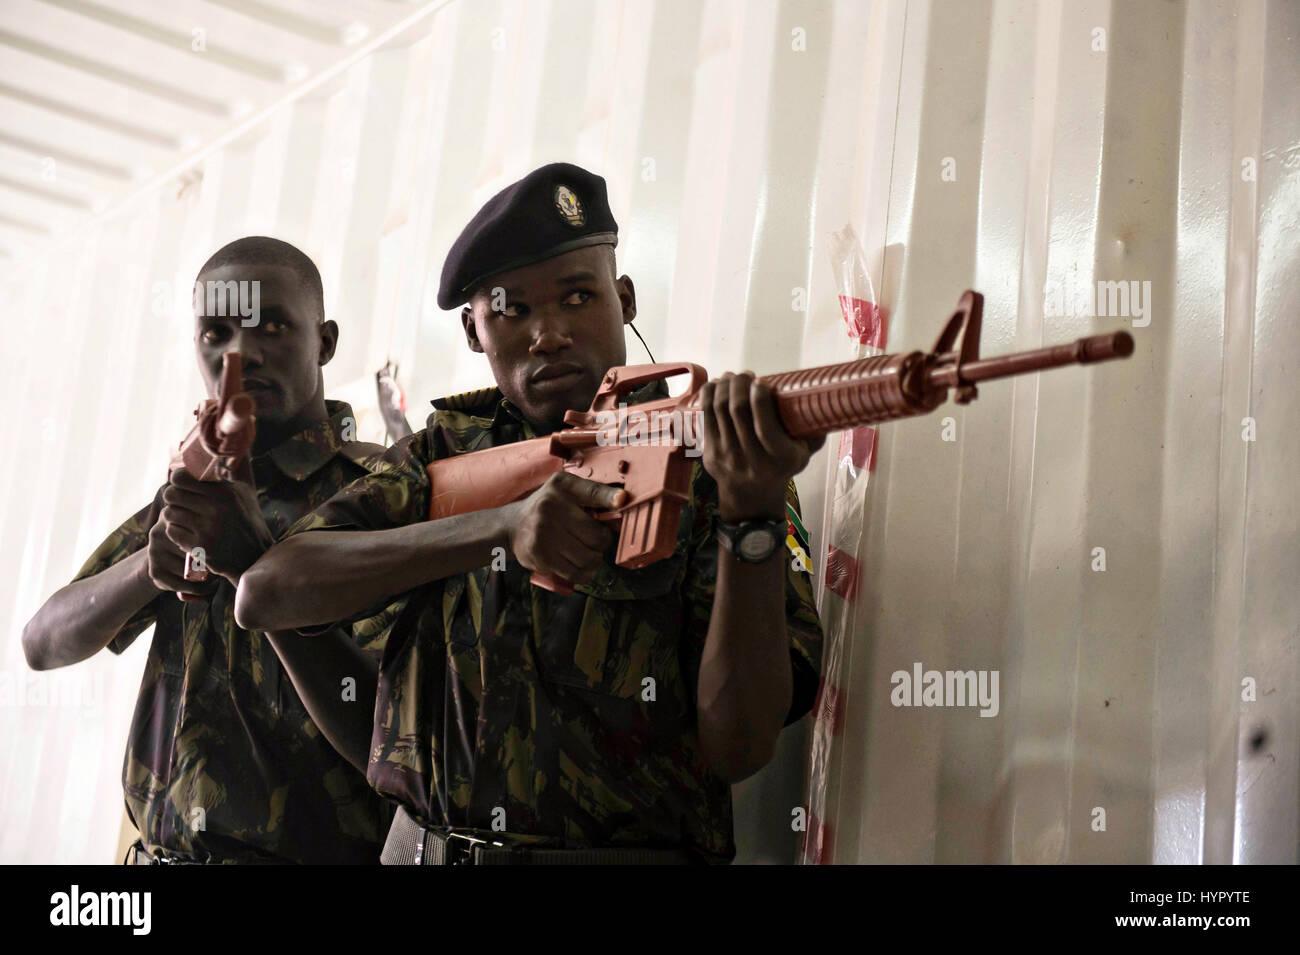 Mozambique mouvements tactiques pratique soldats marines dans un navire simulé pendant l'exercice Cutlass Photo Stock